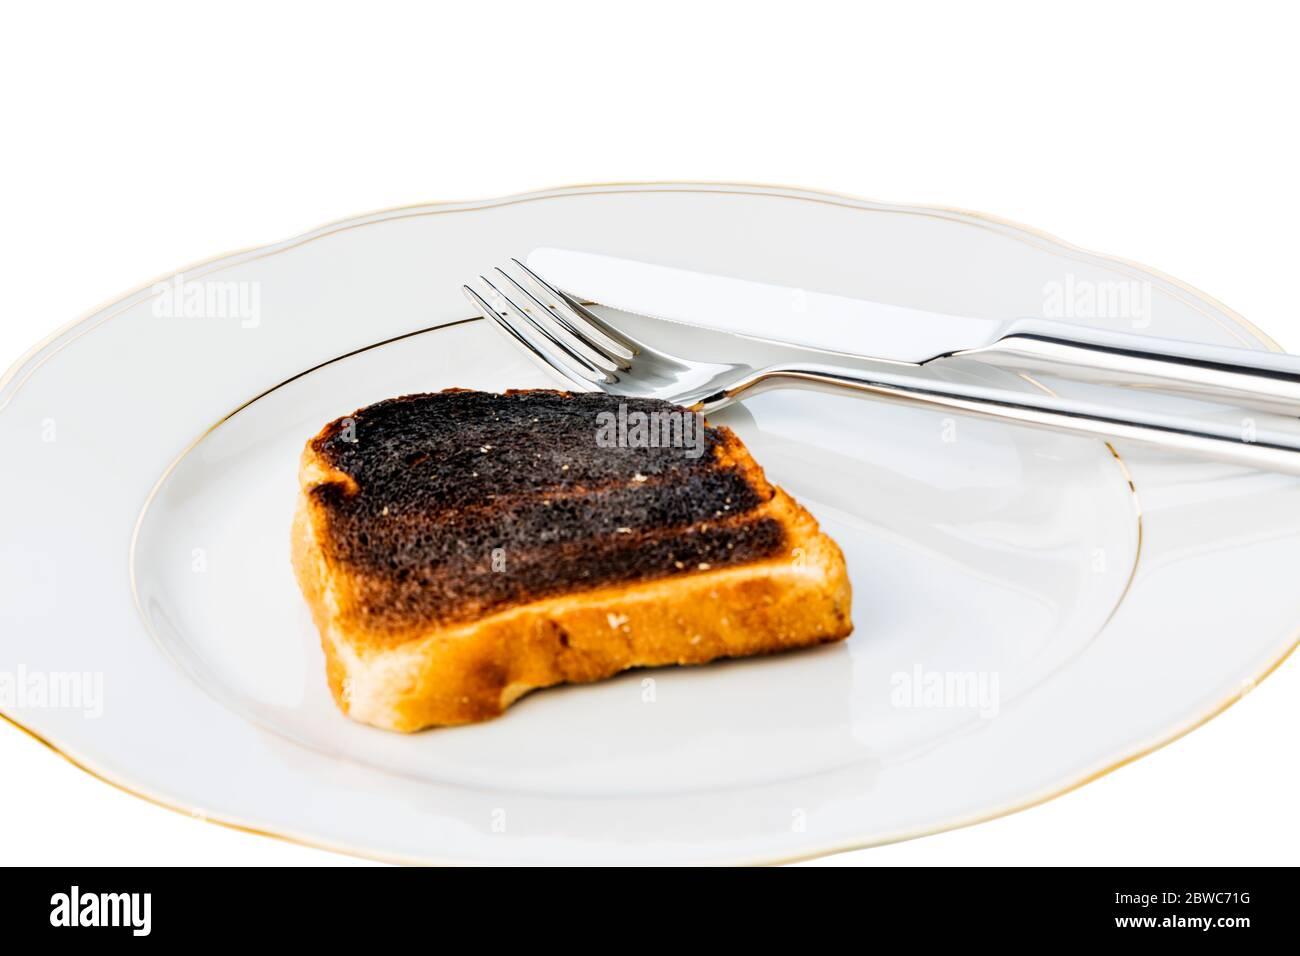 Toastbrot wurde beim toasten verbrantt. Verbrannte Toastscheiben beim Fruehstueck. Foto de stock